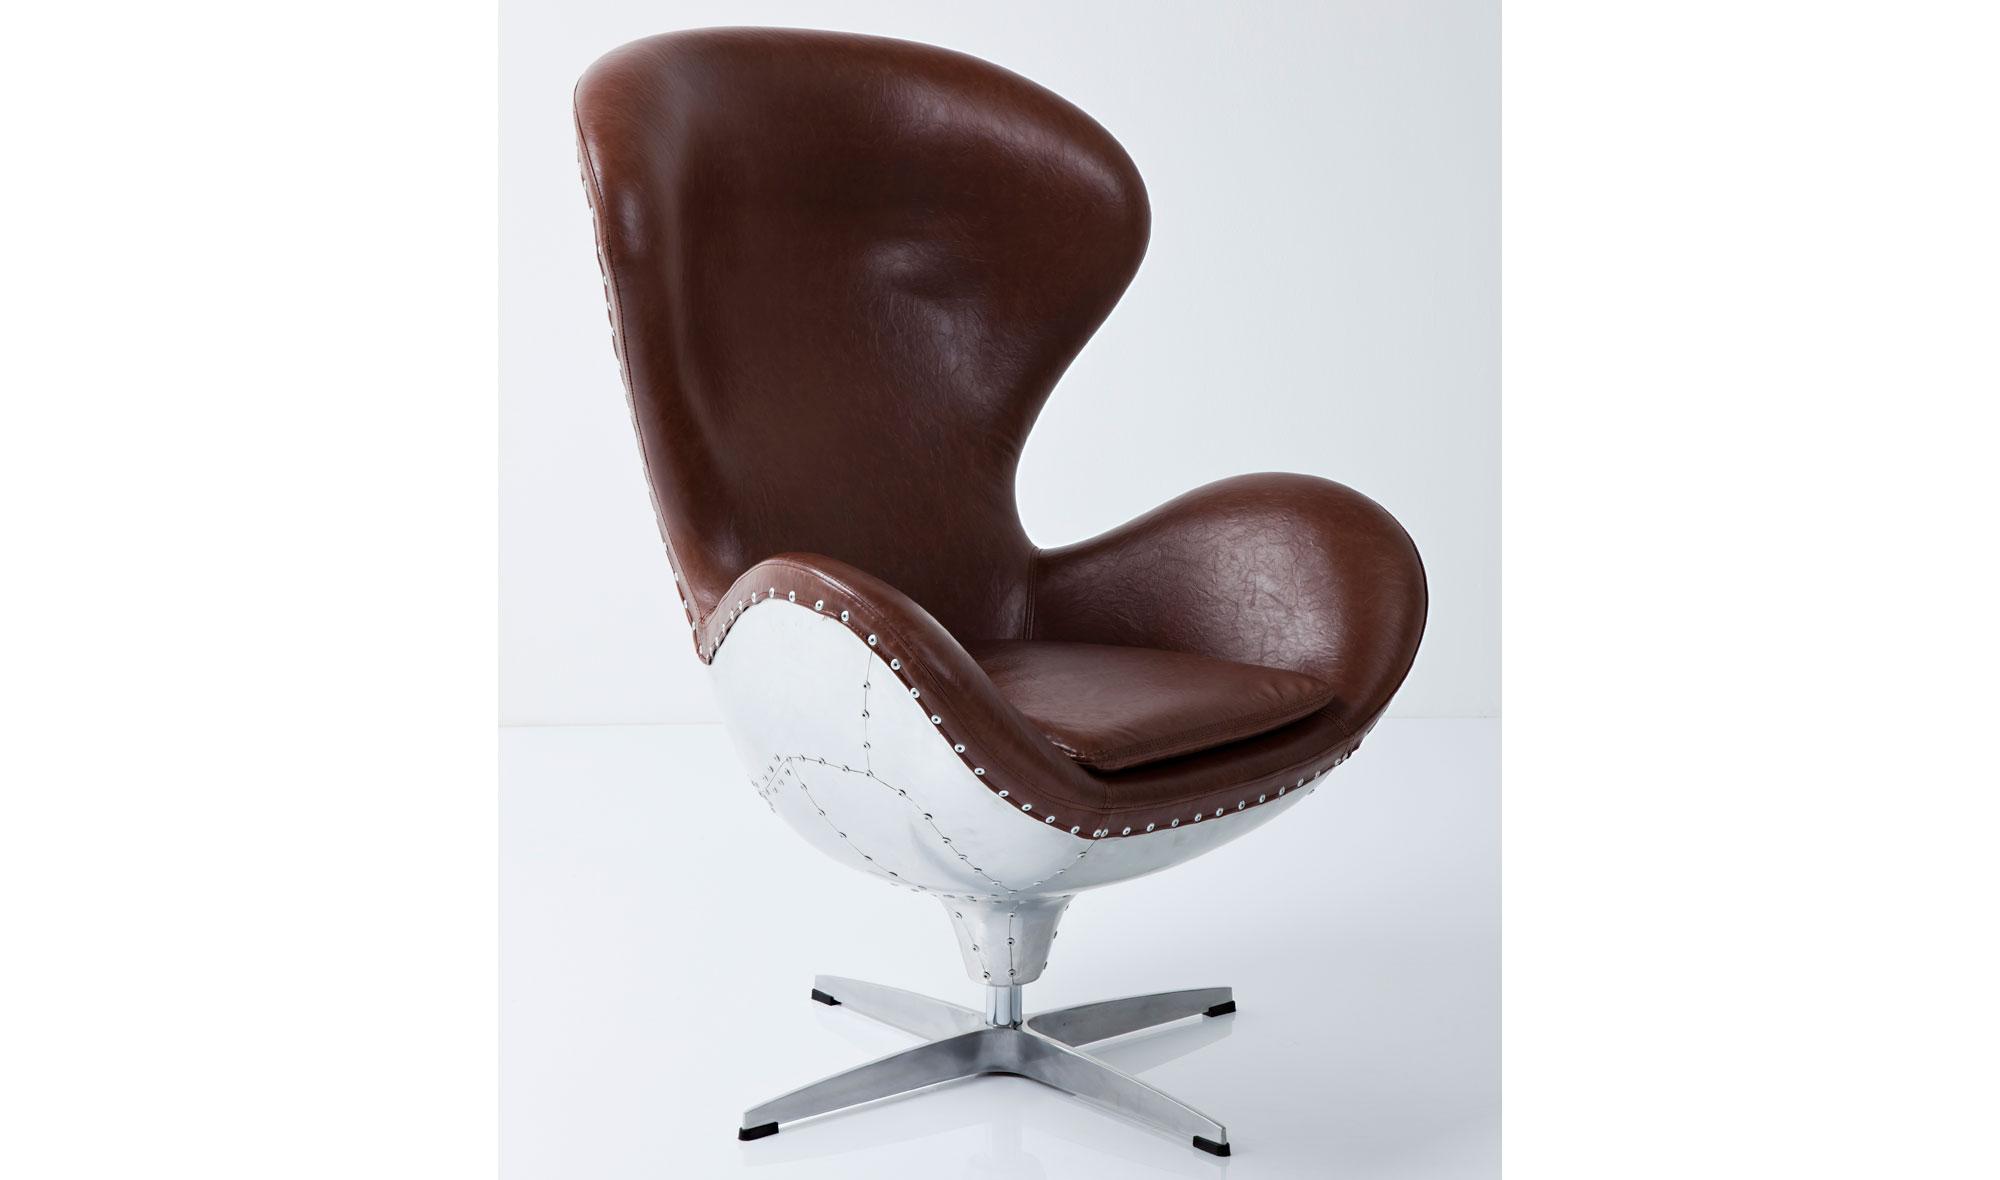 Foxy muebles y objetos obtenga ideas dise o de muebles para su hogar aqu - Butaca giratoria ...